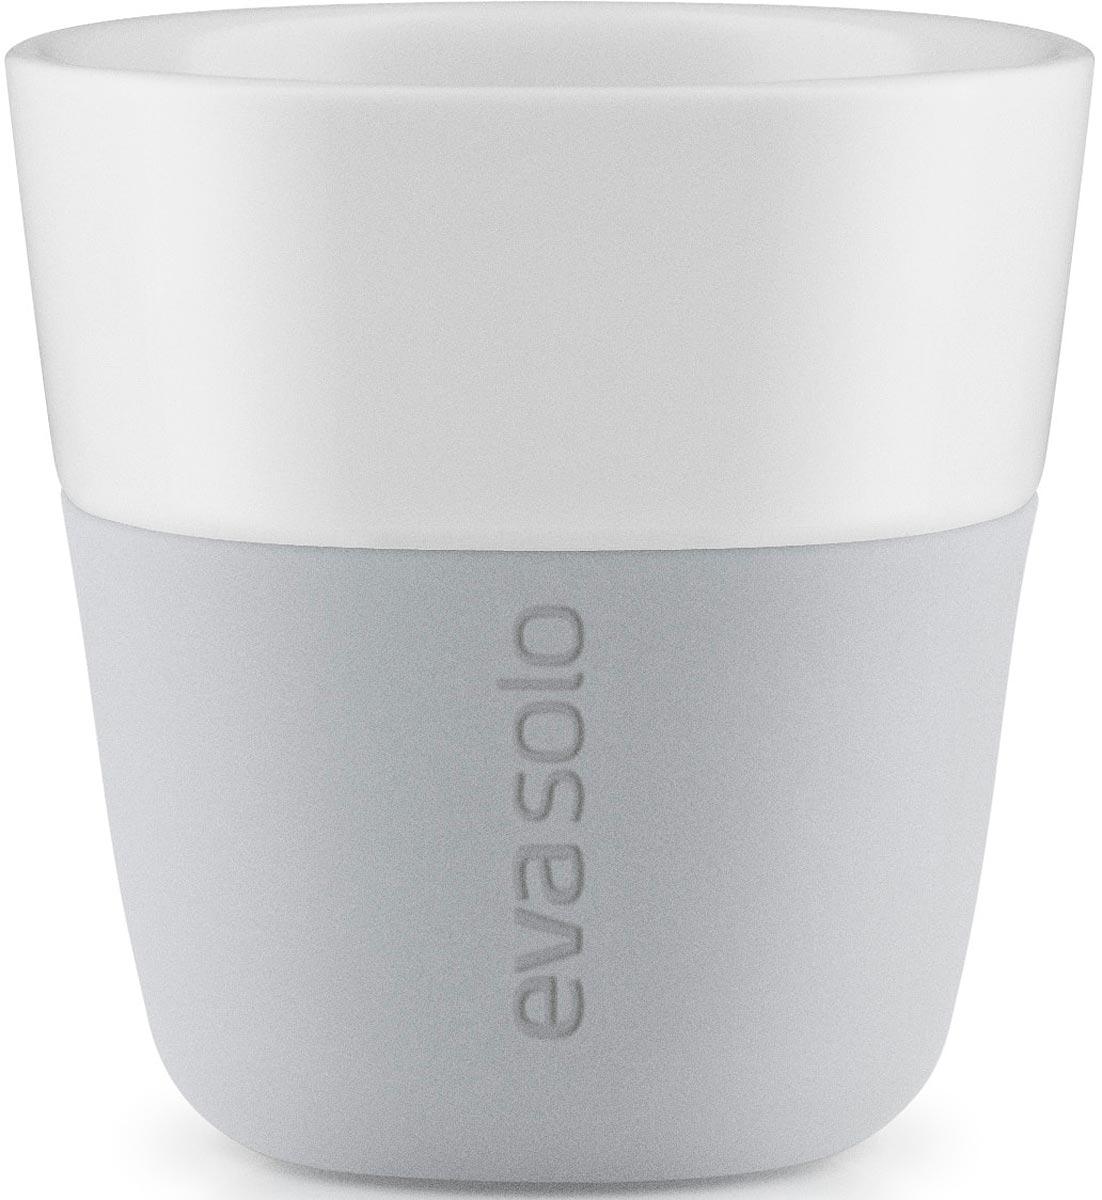 Чашка кофейная Eva Solo, цвет: серый, 80 мл, 2 шт501044Набор чашек для эспрессо Eva Solo рассчитан на 80 мл - классическое количество эспрессо, а также стандарт для большинства кофе-машин. Чашки из белоснежного фарфора и с цветным силиконовым чехлом, который оберегает руки от соприкосновения с горячей поверхностью. Чехол легко снимается, после чего чашку можно мыть в посудомоечной машине.В комплекте 2 чашки.